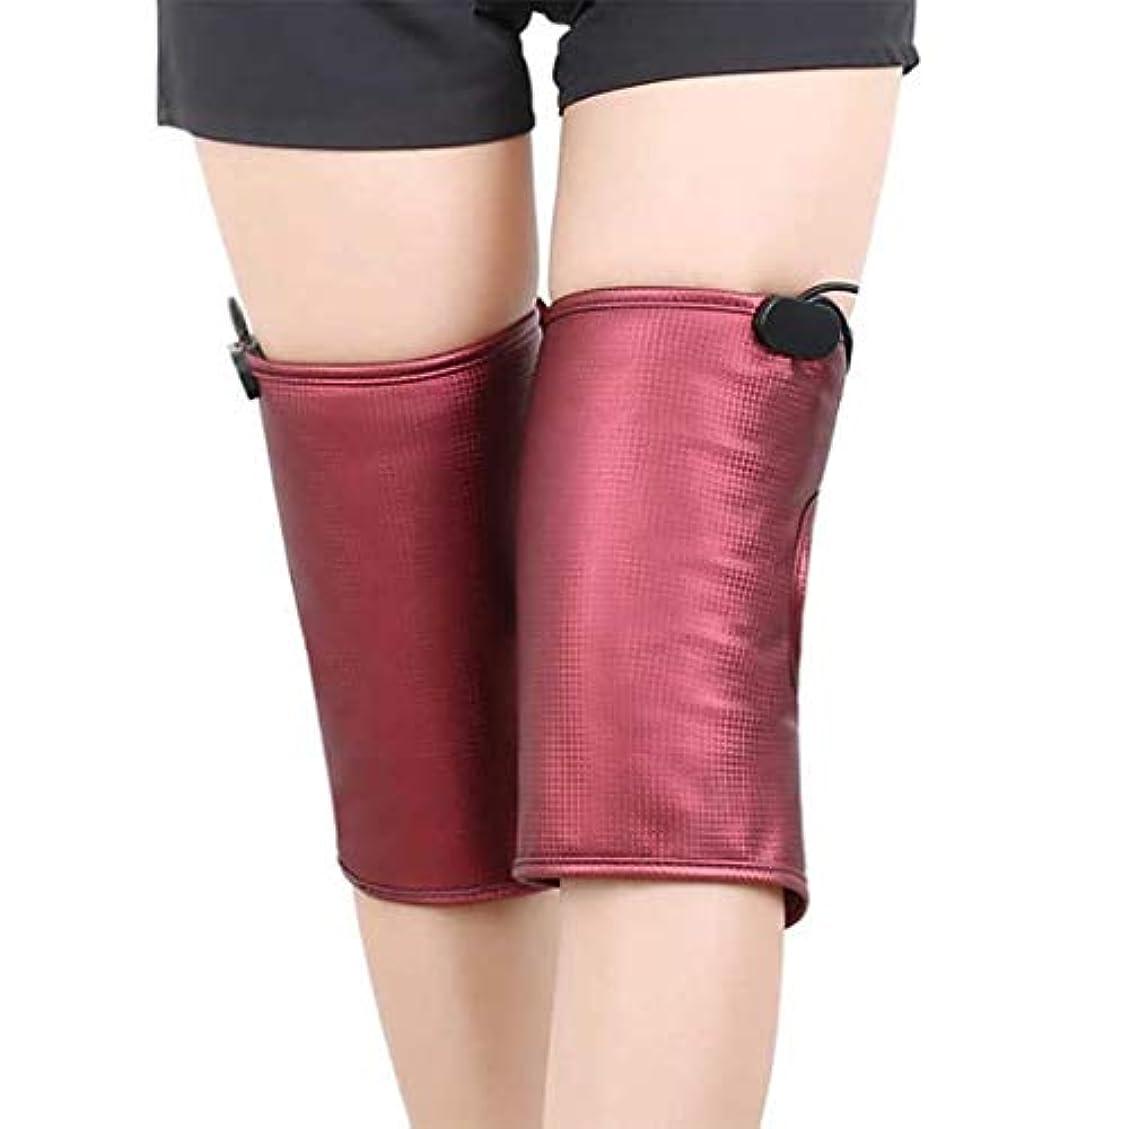 バラバラにする感謝している大工フットマッサージャー、電動膝パッド、oxi/加熱/圧縮マッサージ、取り外し可能および洗えるM理学療法器具、リモコン付き